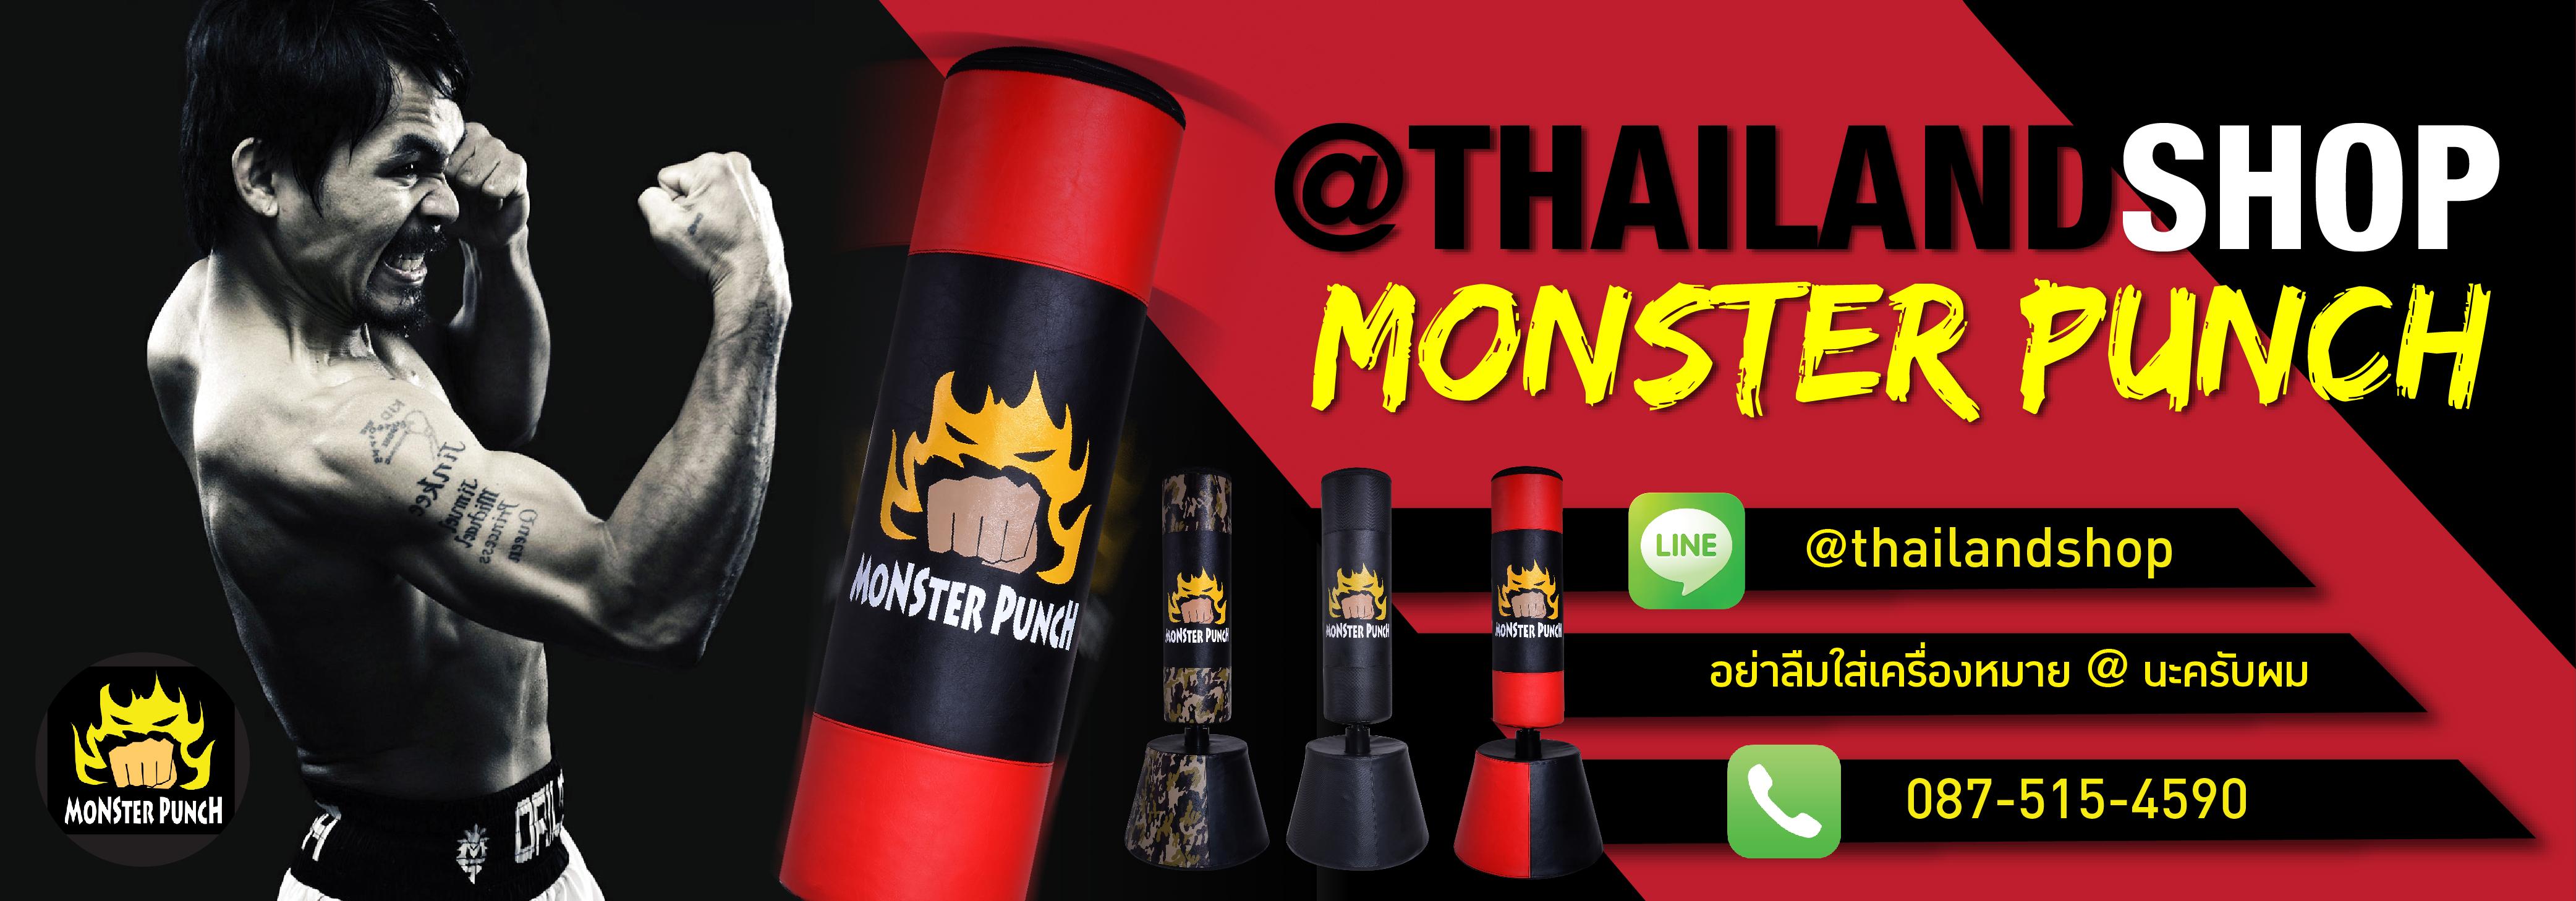 กระสอบทรายตั้งพื้น Monster Punch by MonsterPunch Thailand